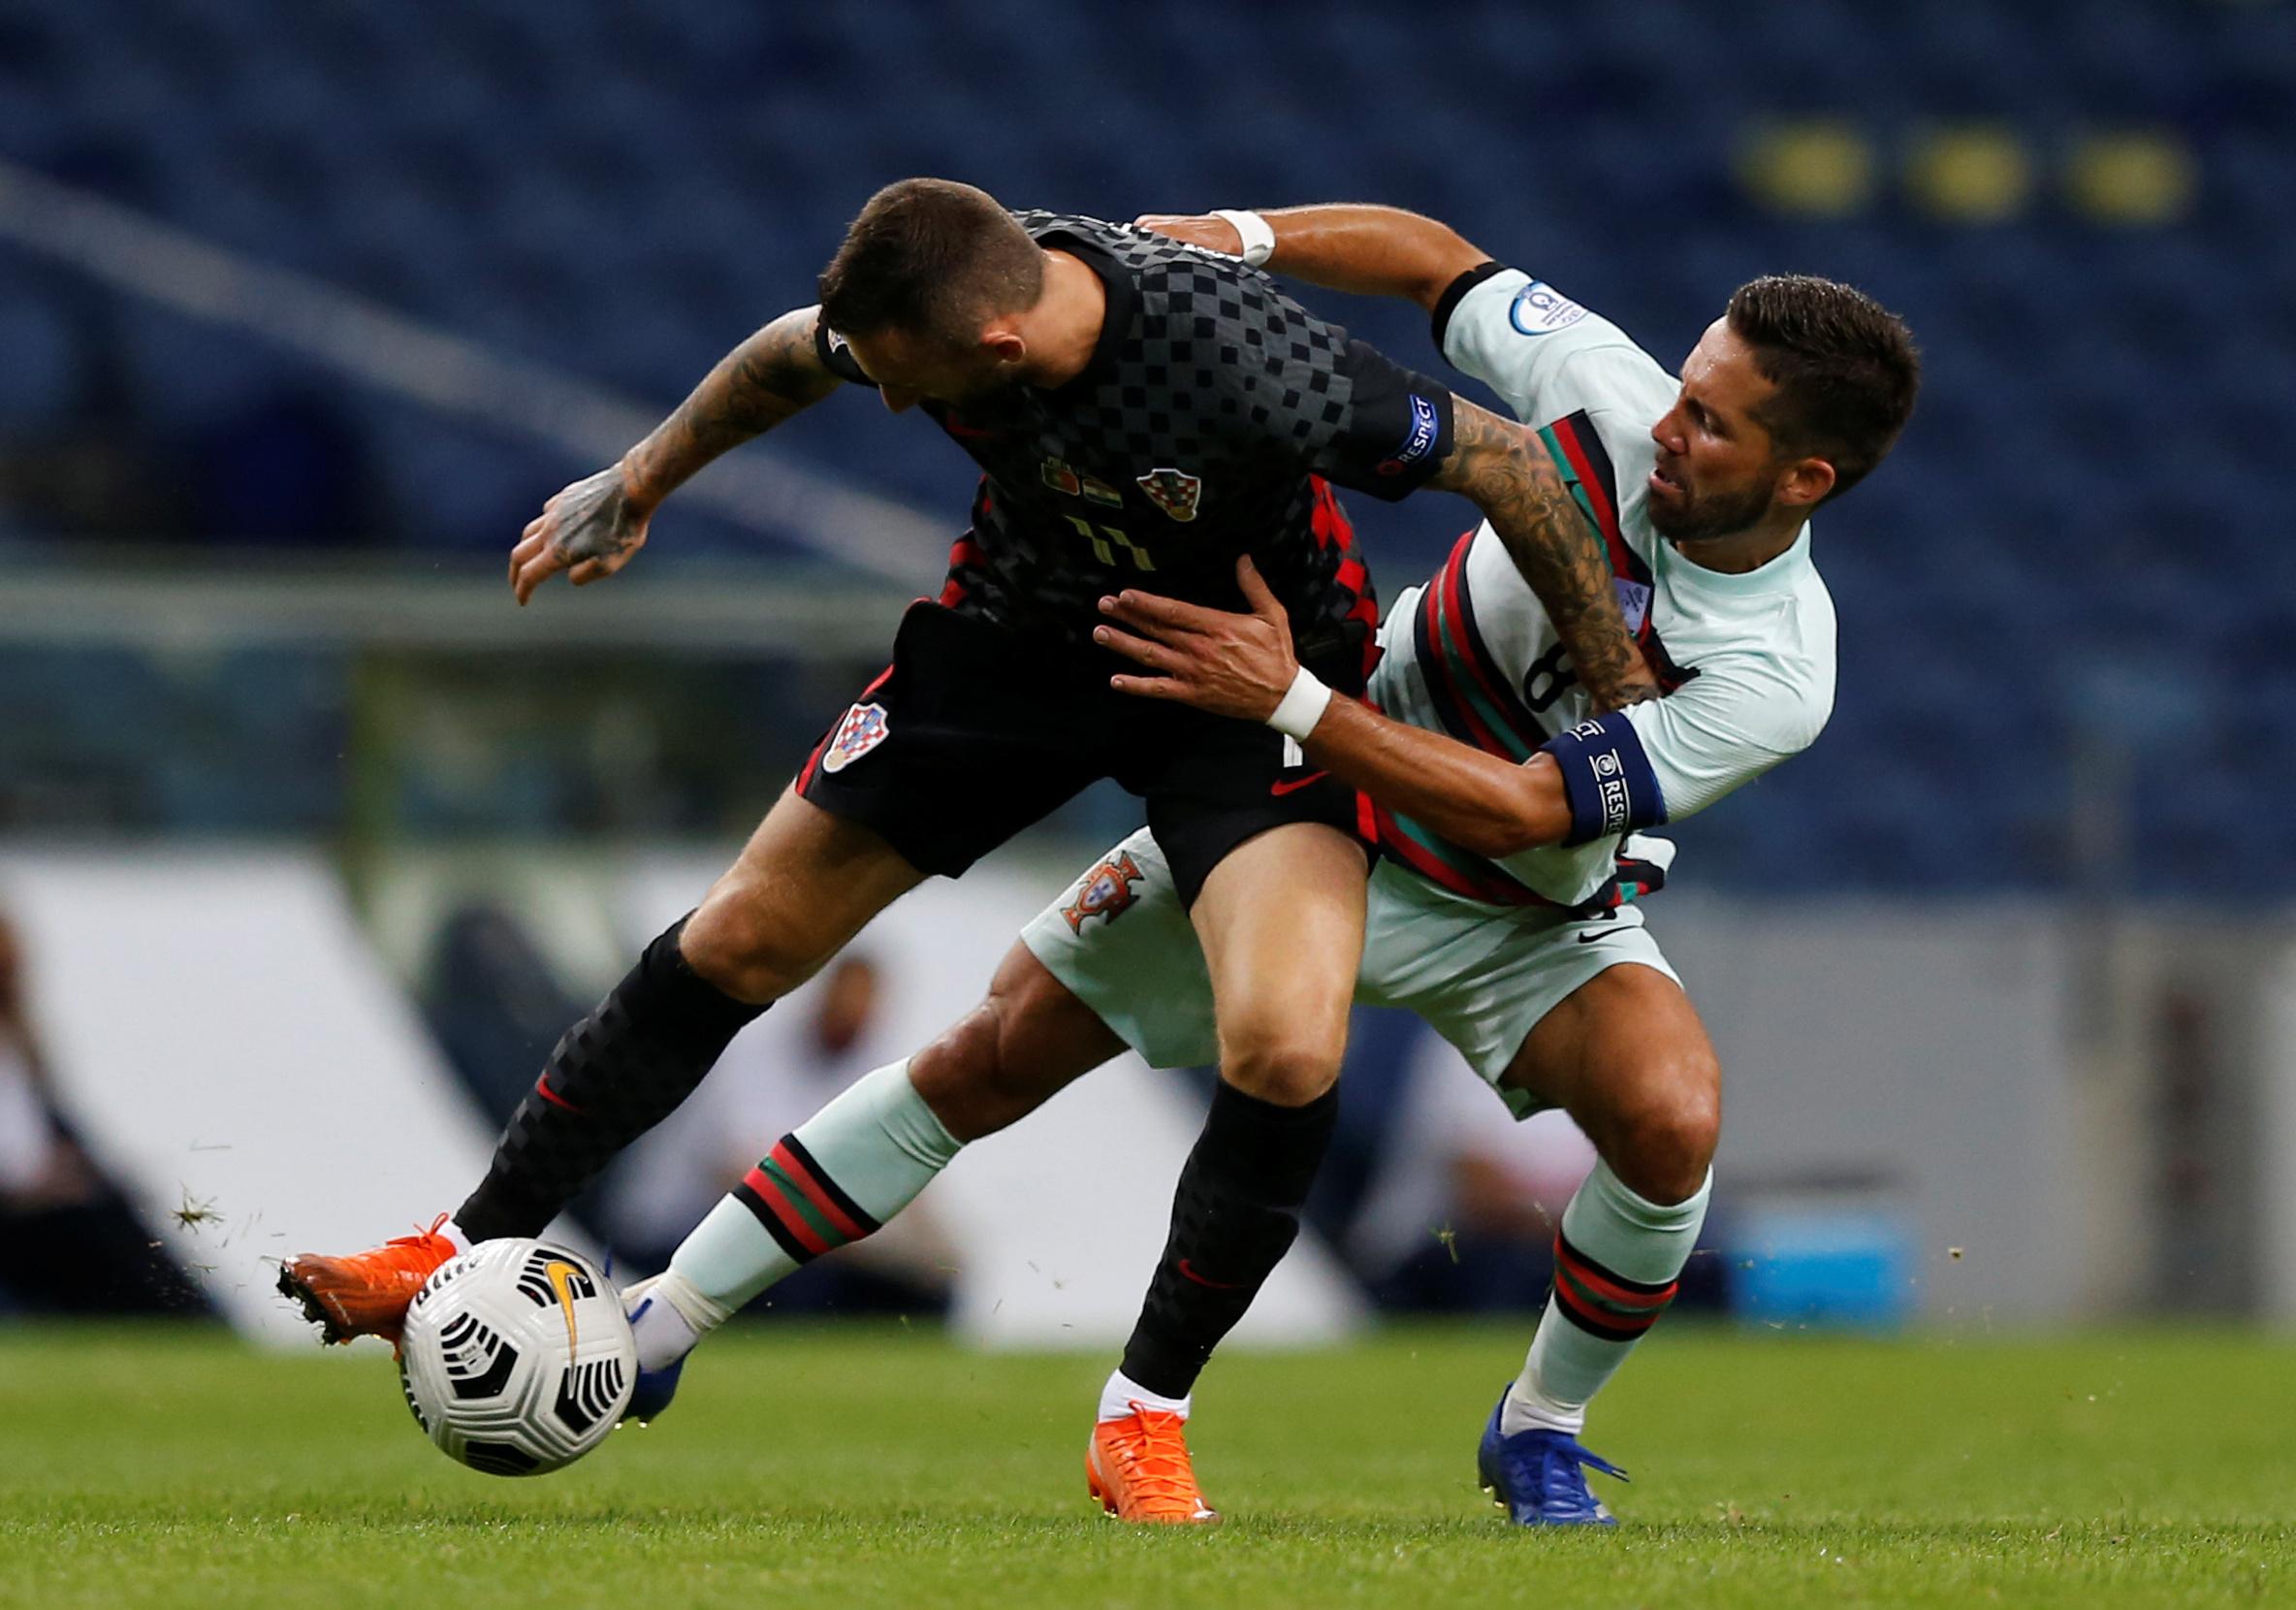 كرة مشتركة بين لاعبي البرتغال وكرواتيا